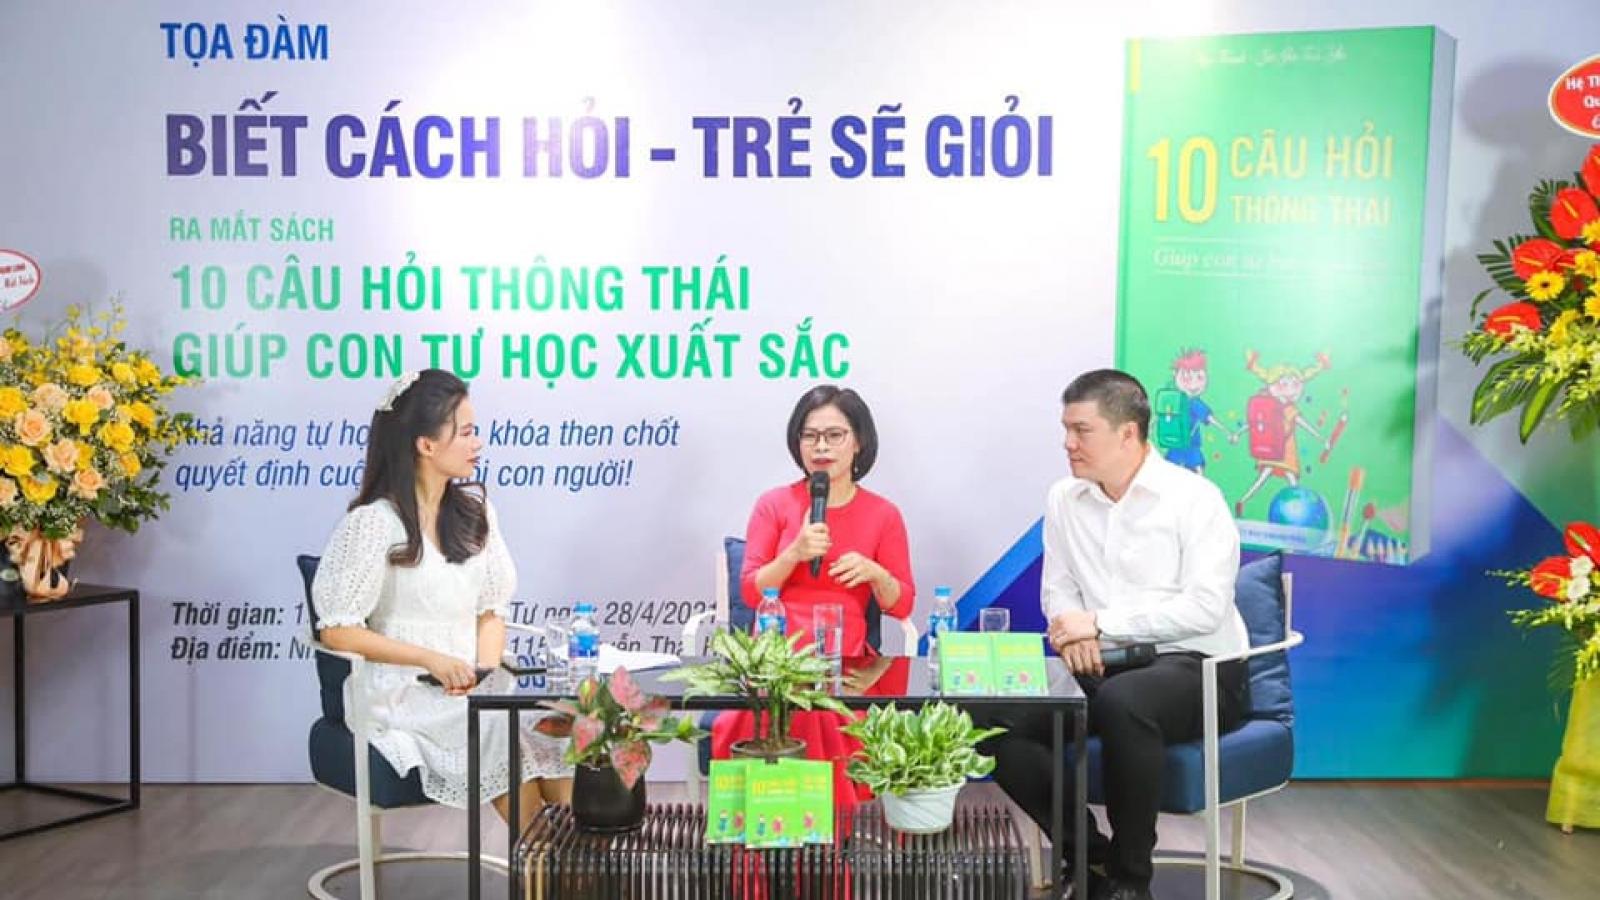 """Chuyên gia tâm lý Trần Kim Thành: """"Nếu con giỏi hơn mình thì càng tốt"""""""